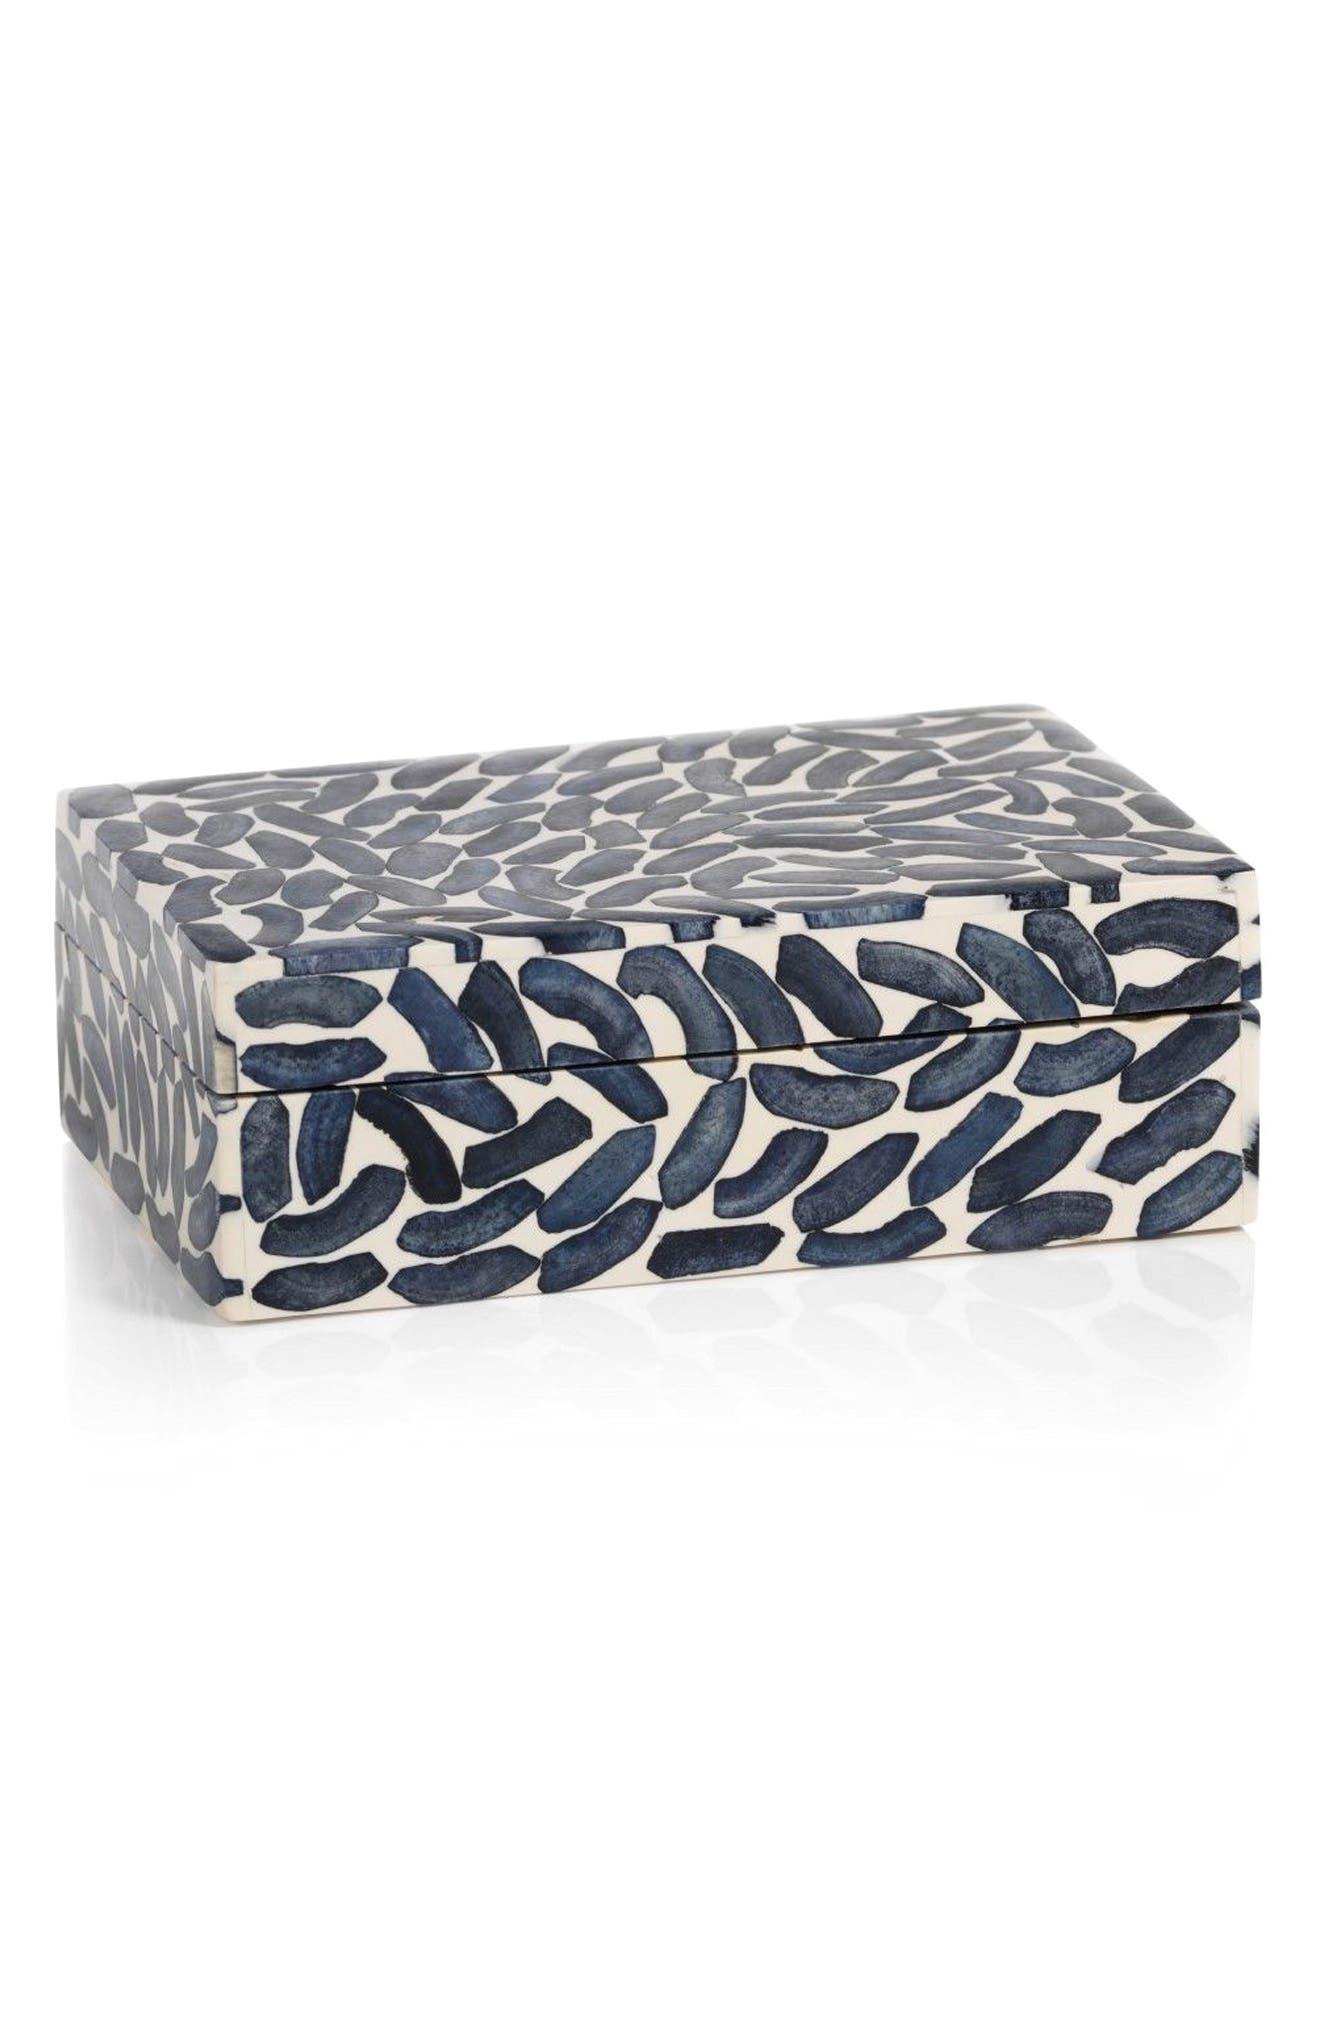 Zodax Legian Bone Jewelry Box